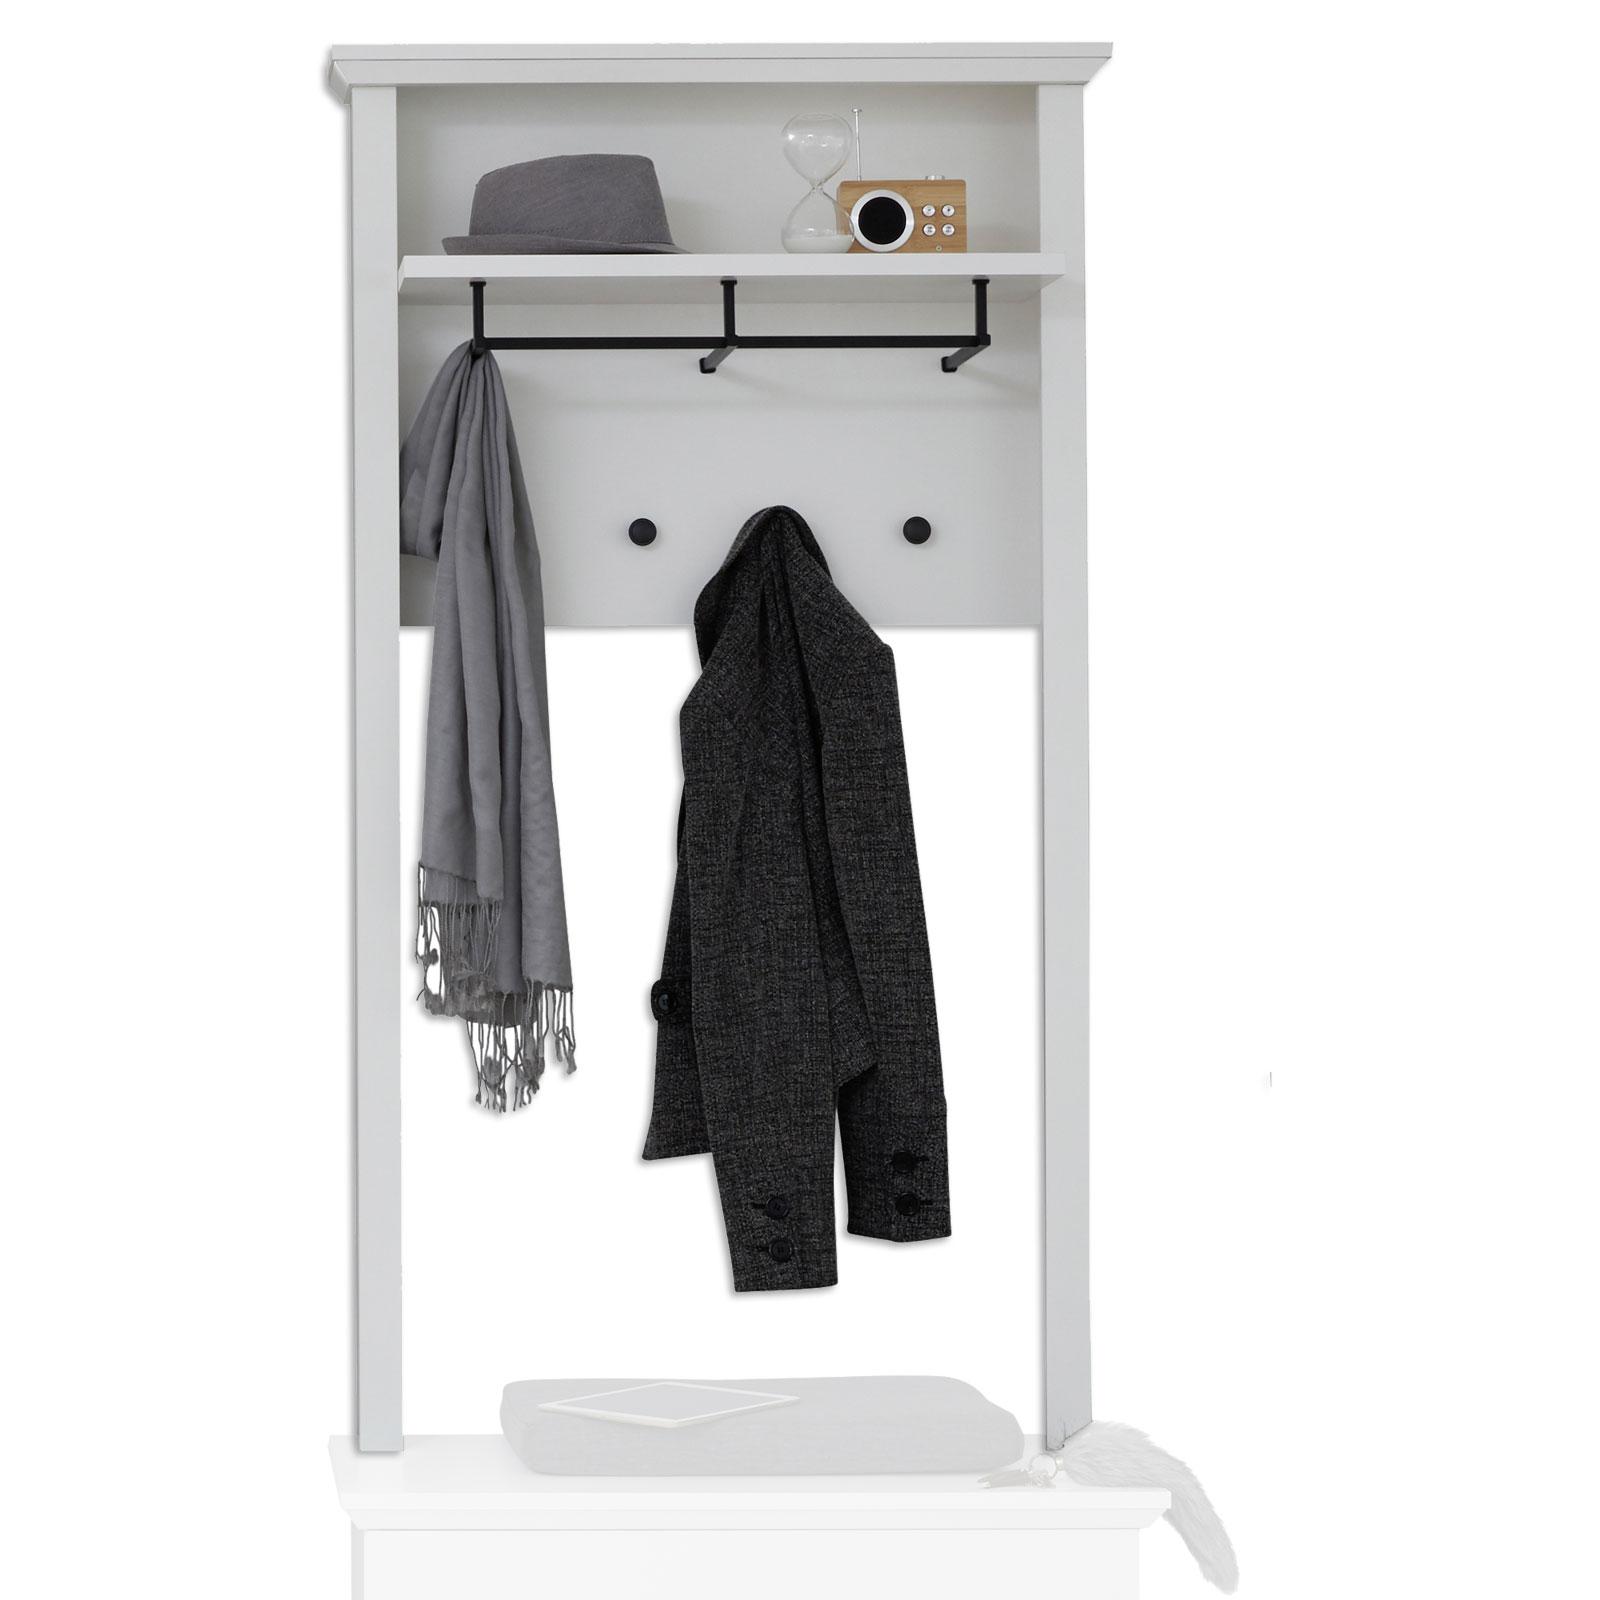 Garderobenpaneel Weiß 81 Cm Zur Sitzbank